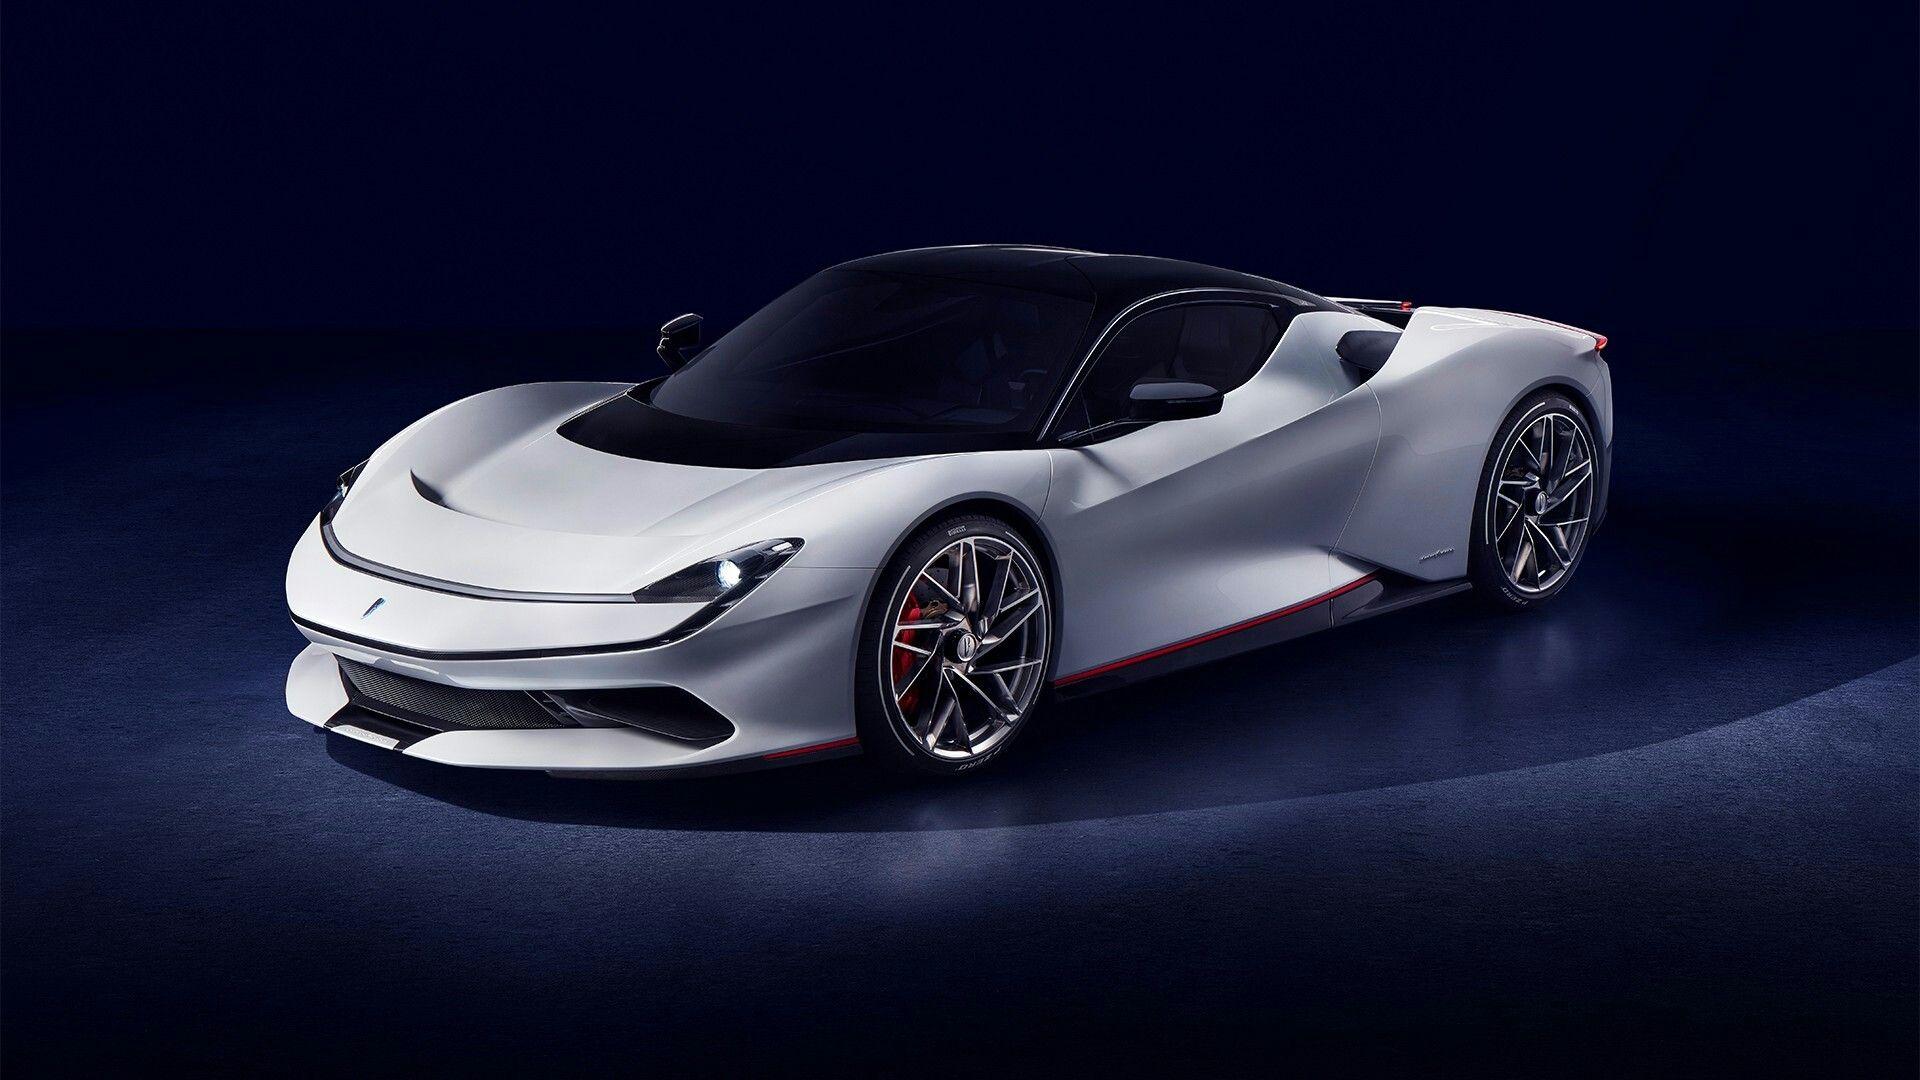 Pininfarina Battista Super cars, New sports cars, Sports car